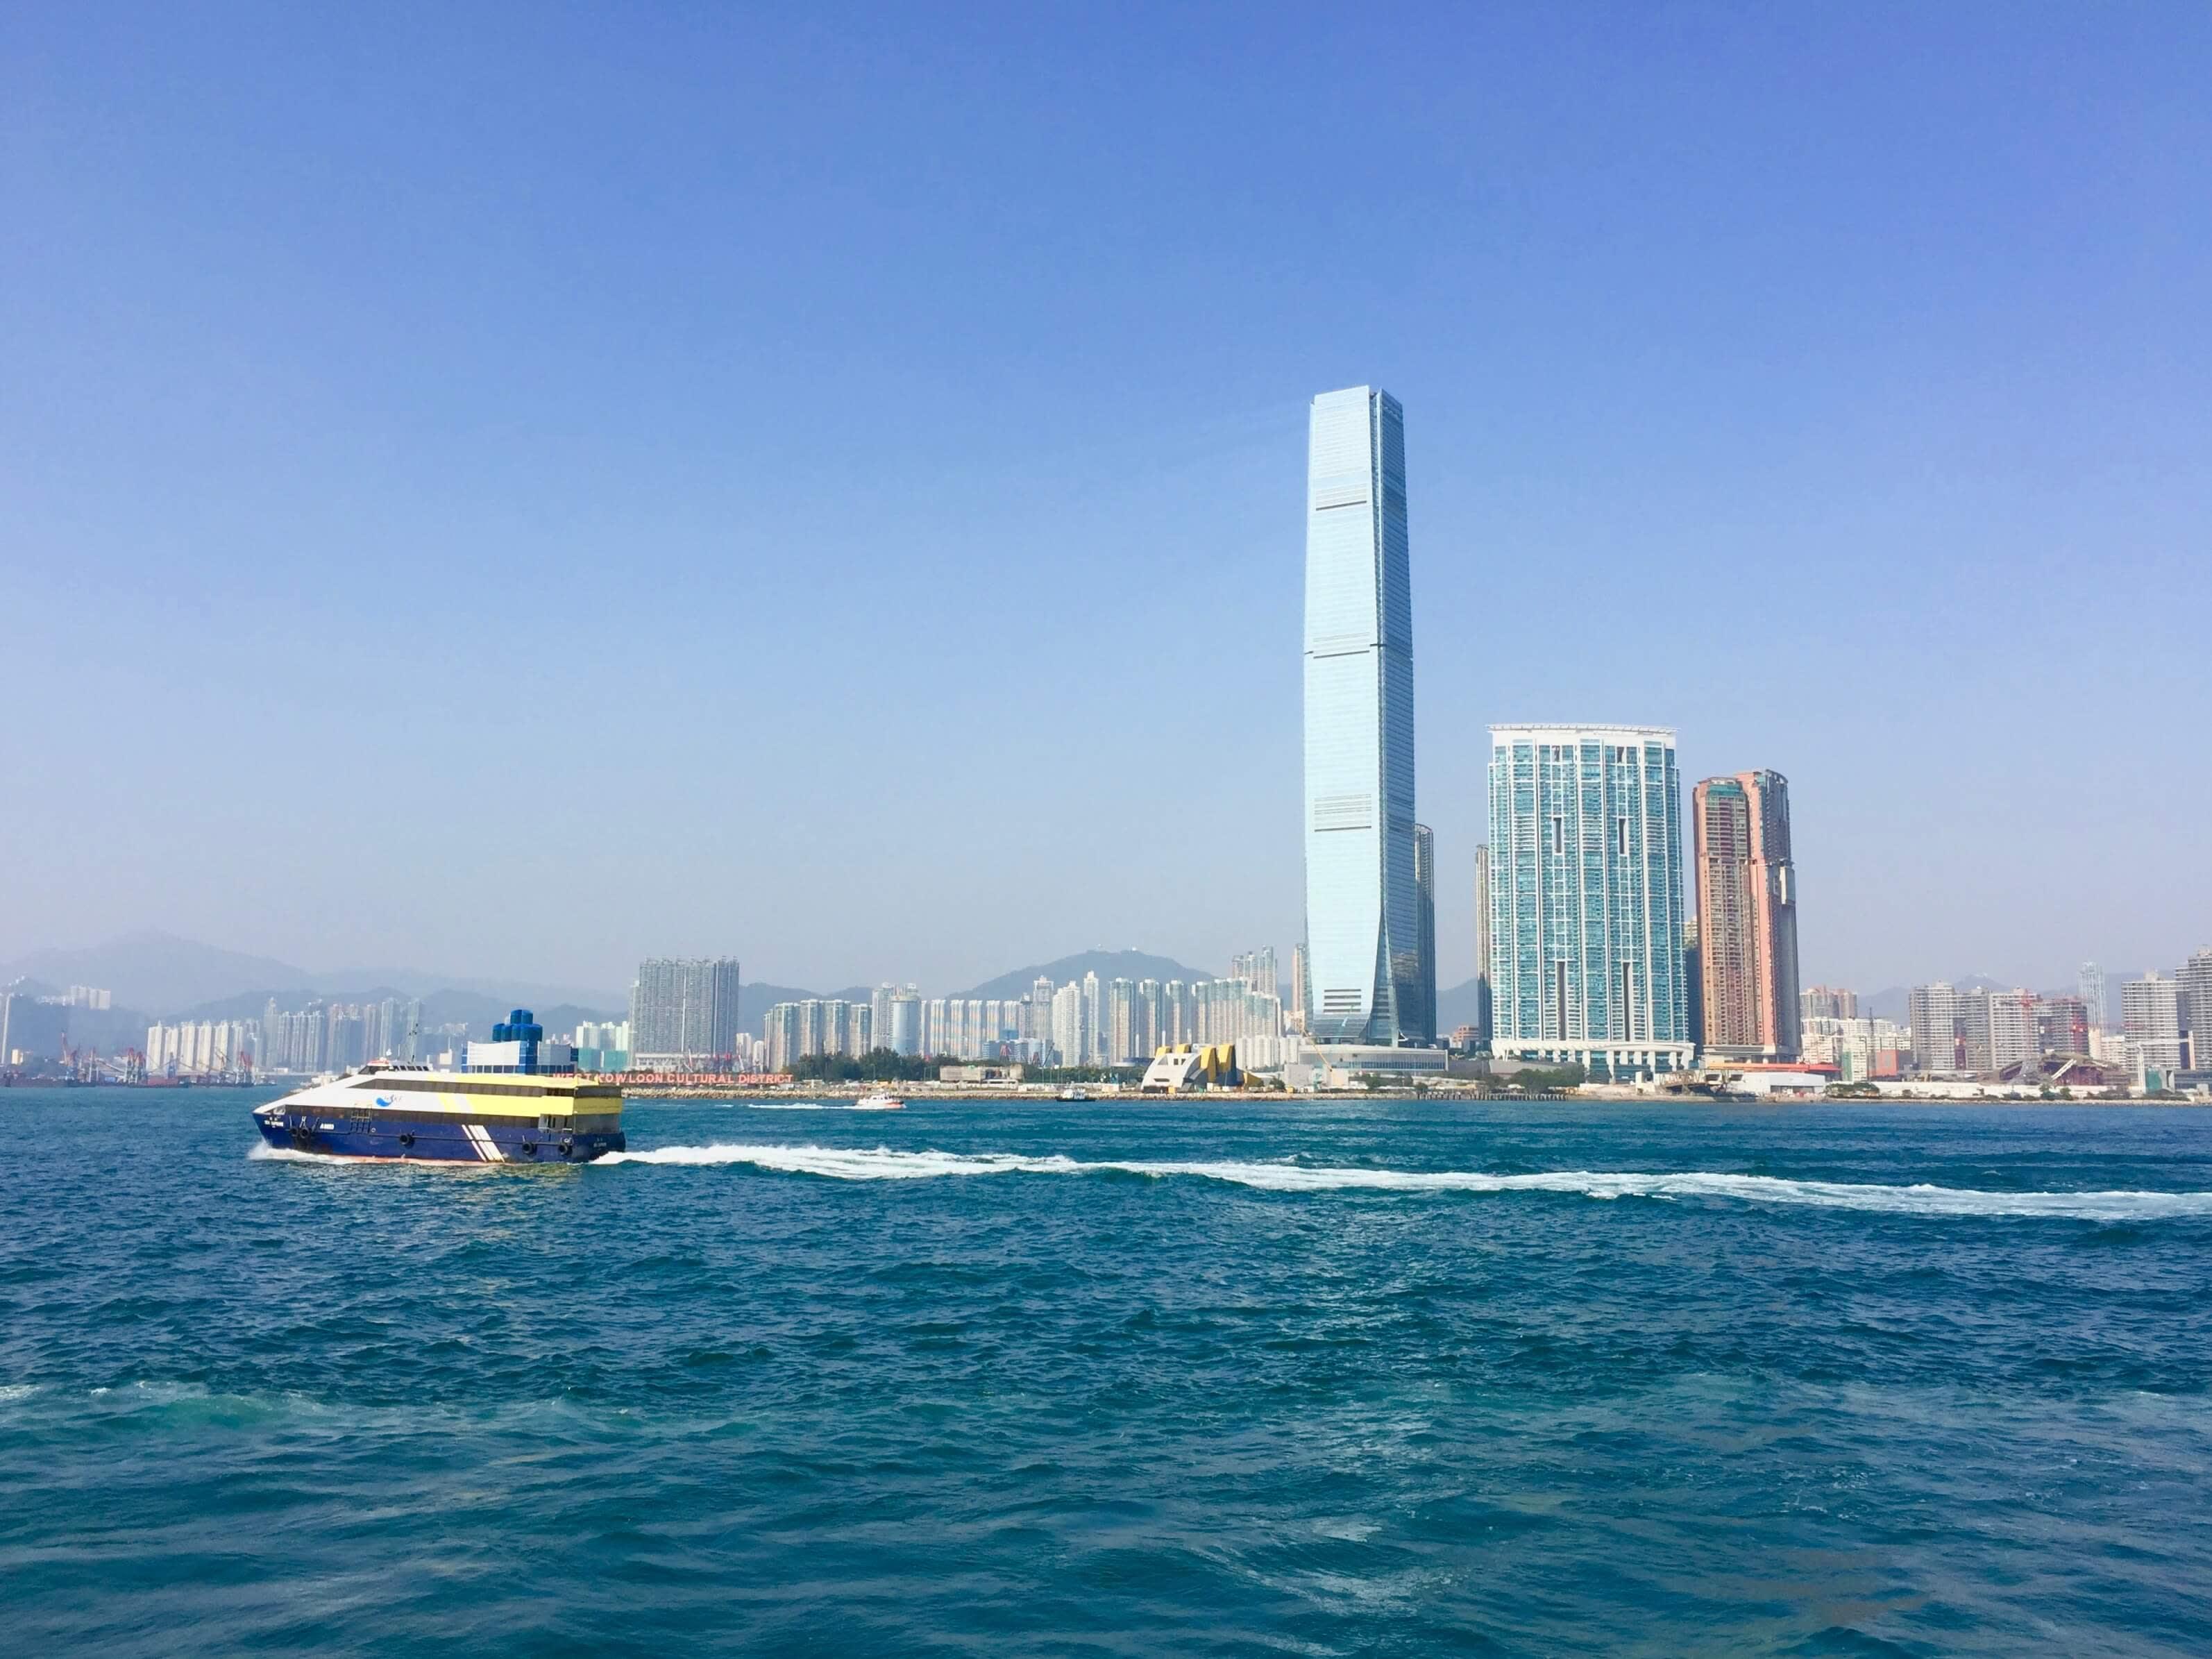 一 片 湛 藍 中 不 見 雲 的 蹤 跡 , 有 別 於 港 島 的 天 際 線 , 九 龍 給 了 天 空 更 大 的 空 間